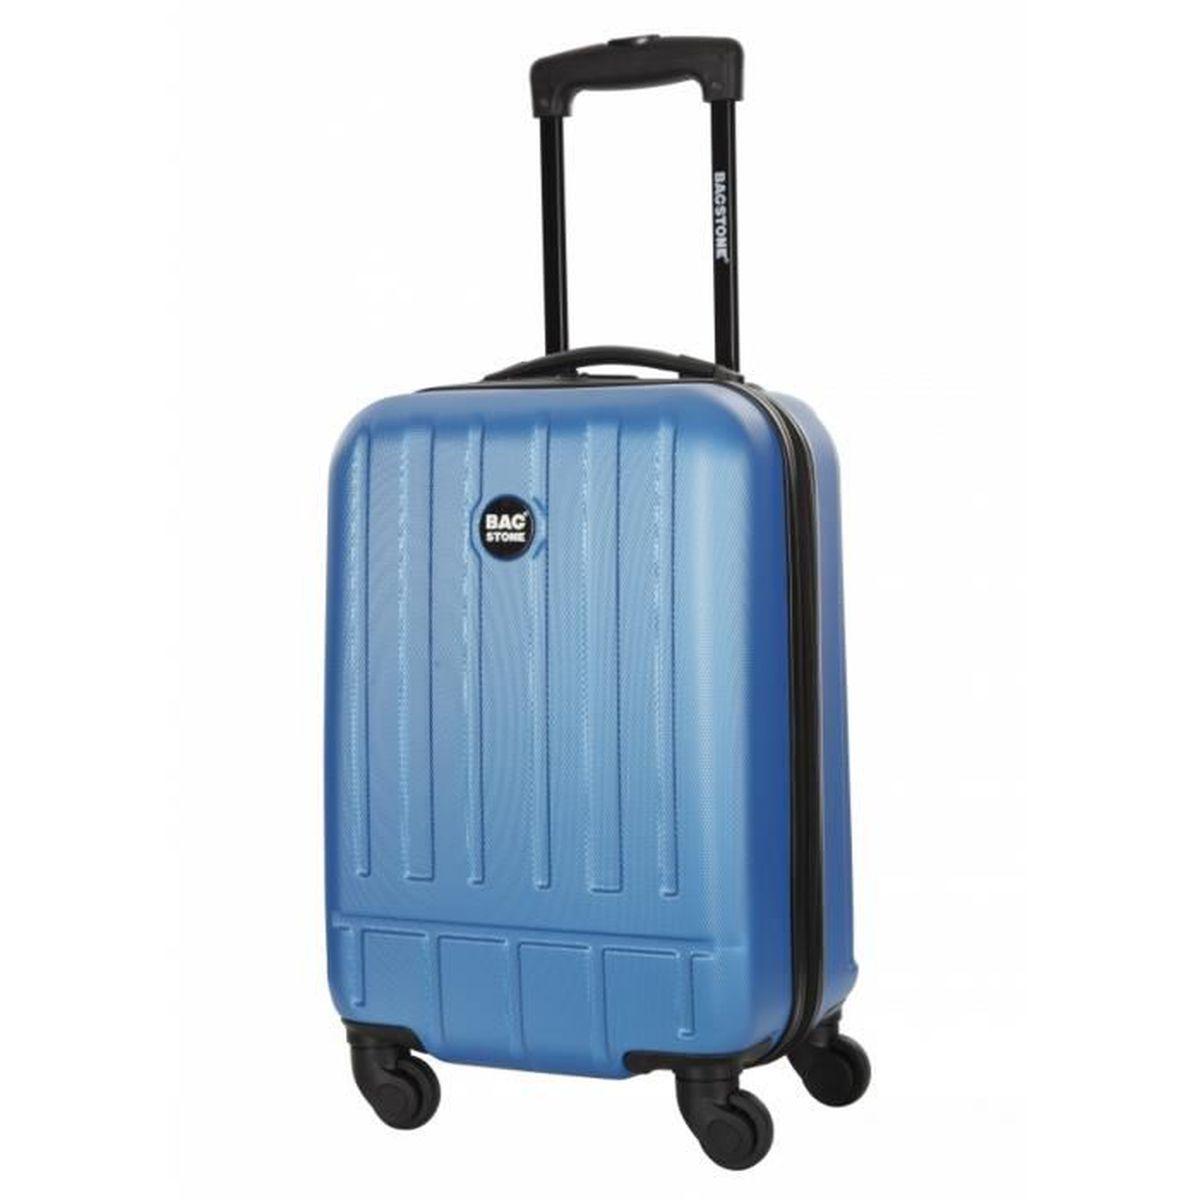 bag stone valise blues taille m 25cm bleu achat vente set de valises 3607070785829. Black Bedroom Furniture Sets. Home Design Ideas